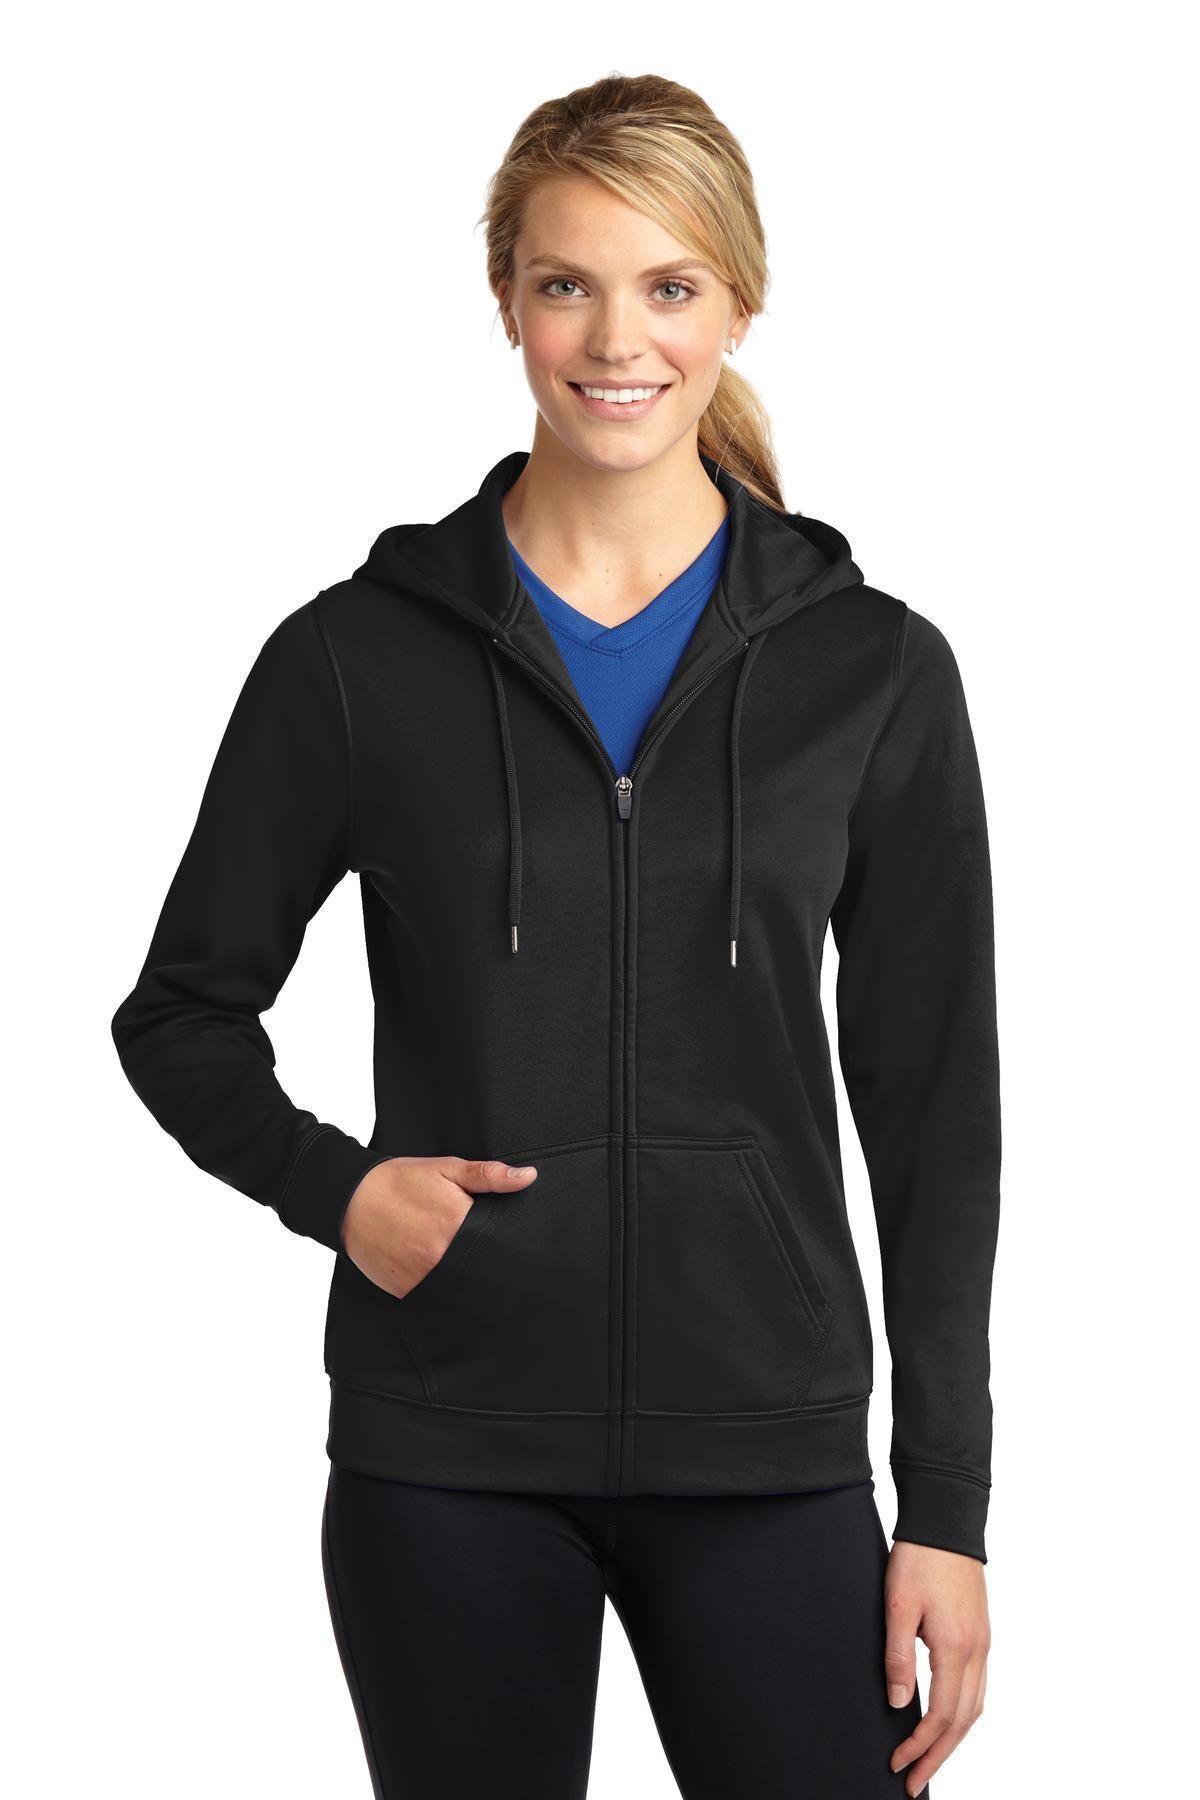 SportTek Ladies SportWick Fleece FullZip Hooded Jacket